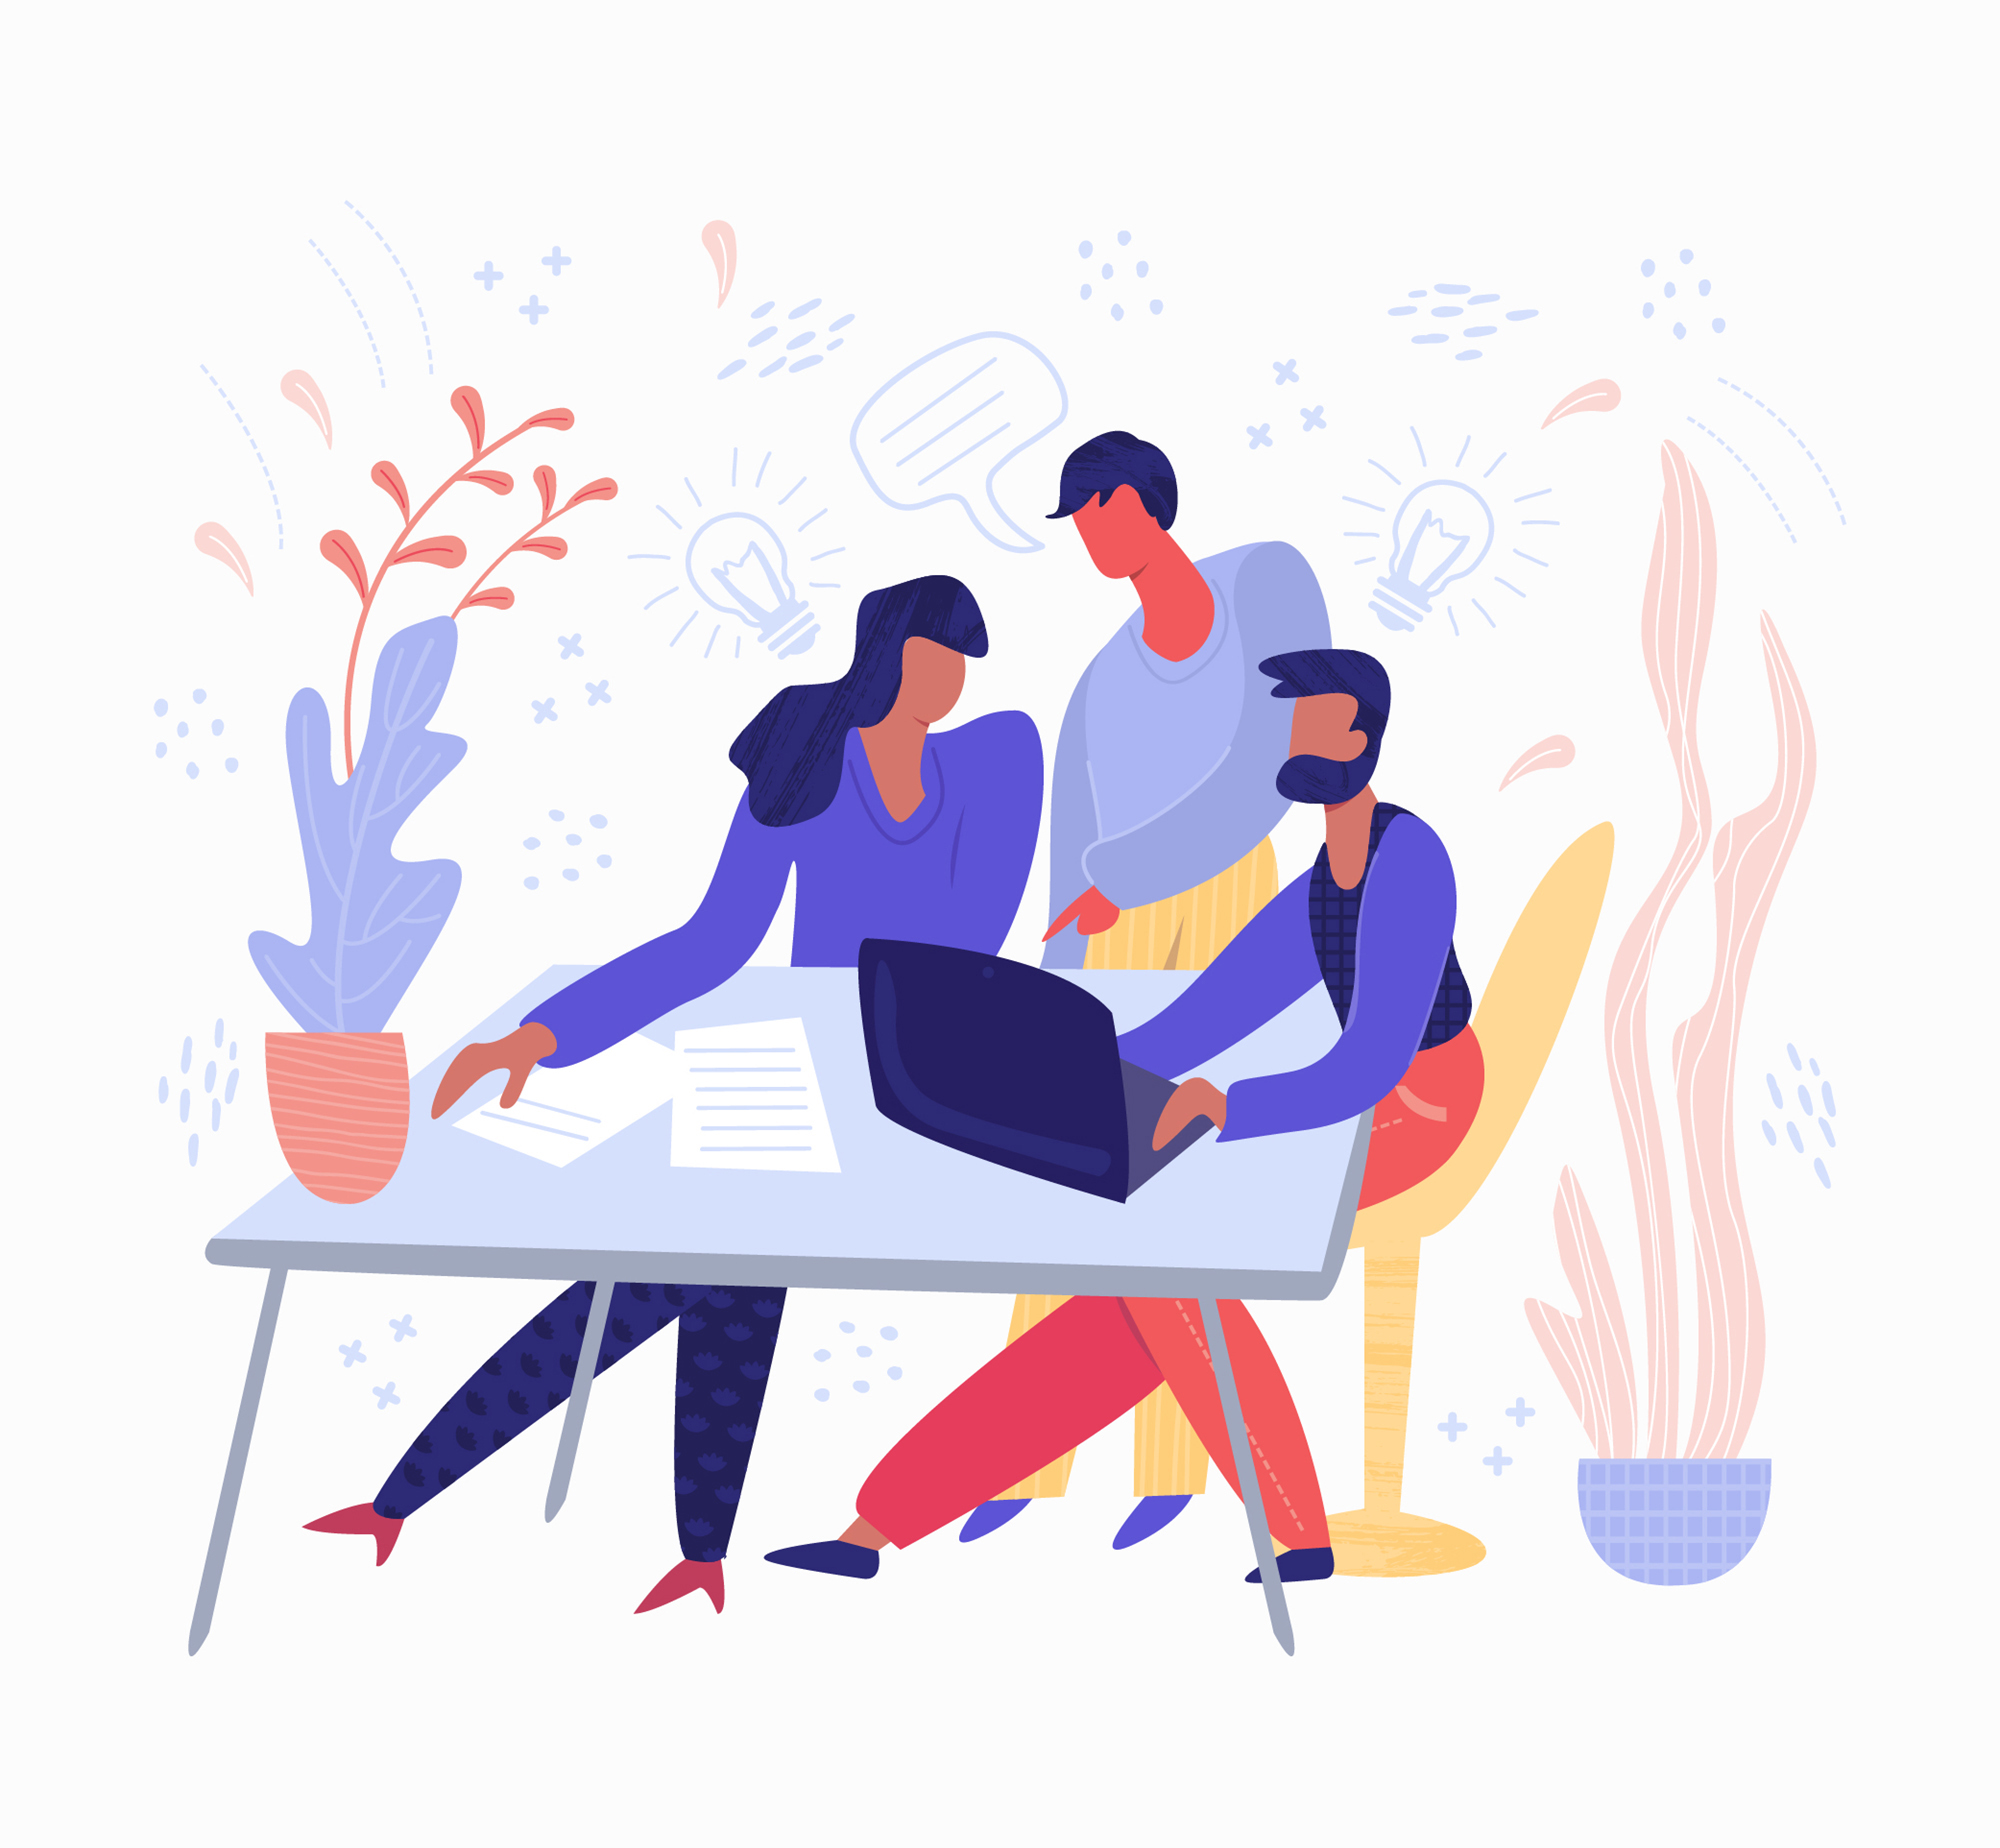 ¿Cómo trabajar con alguien con quien NO nos llevamos bien?